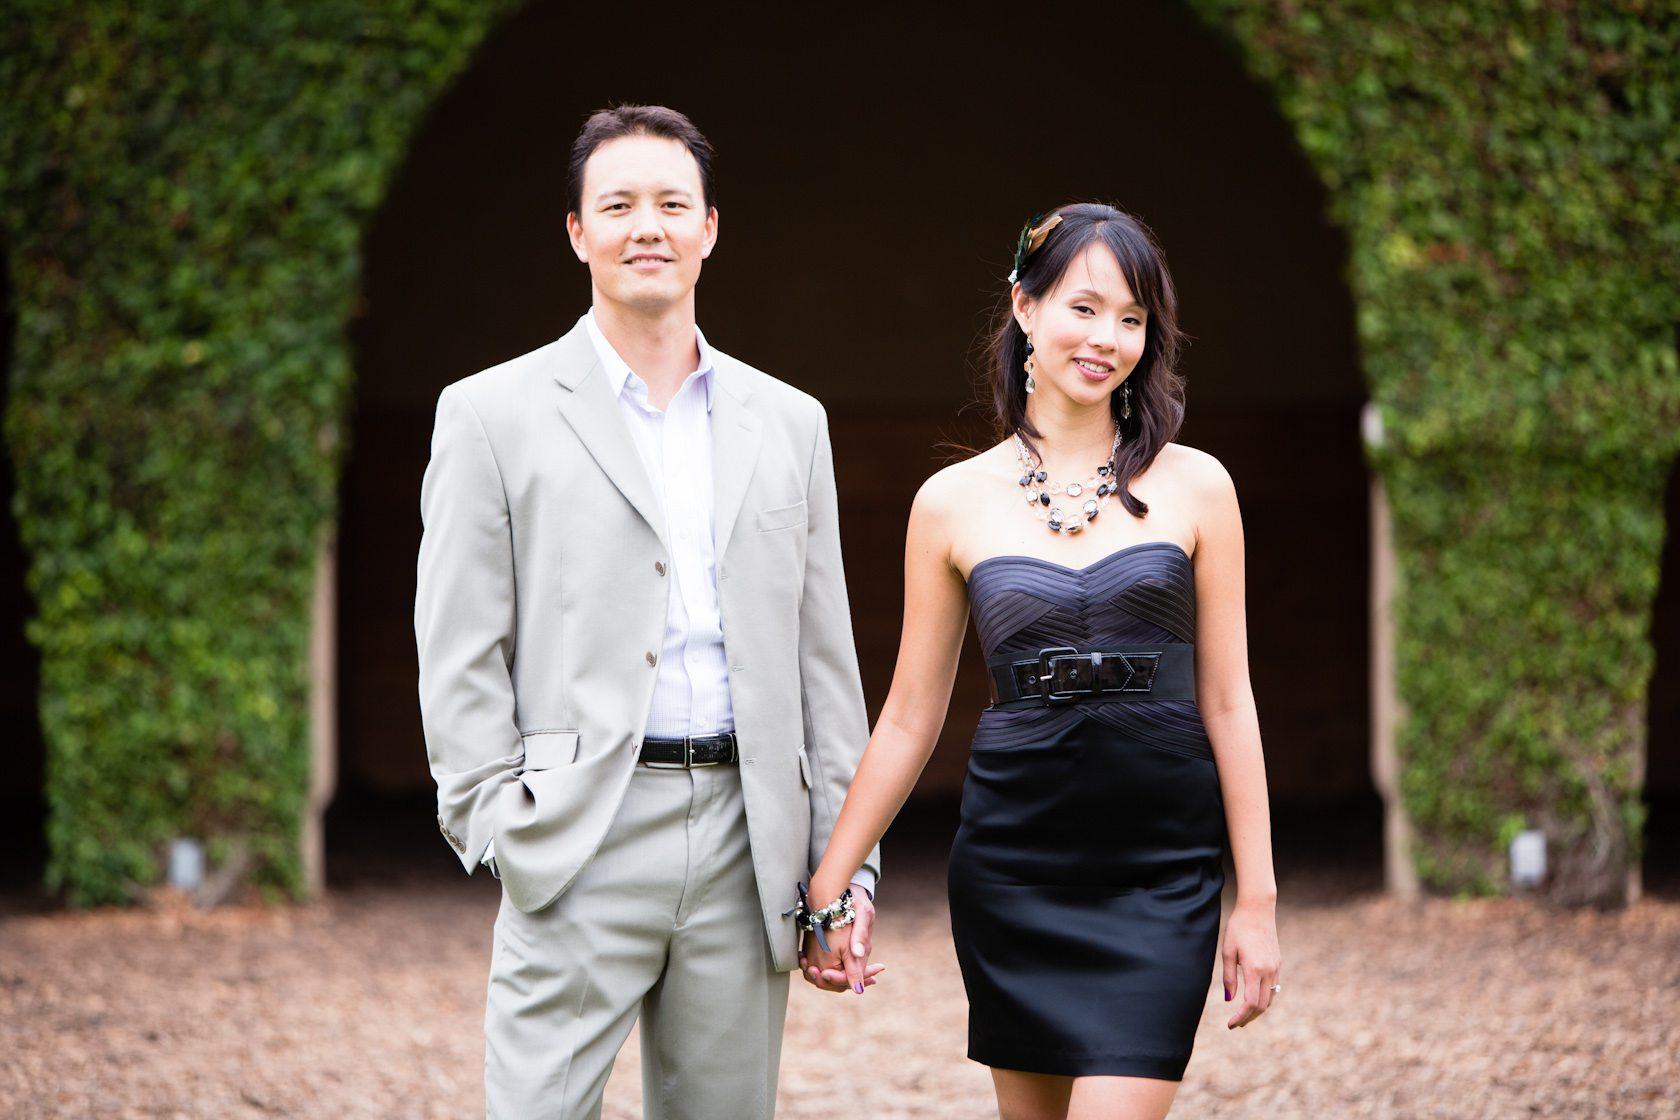 Del_Mar_Thoroughbred_Club_Engagement_13.jpg